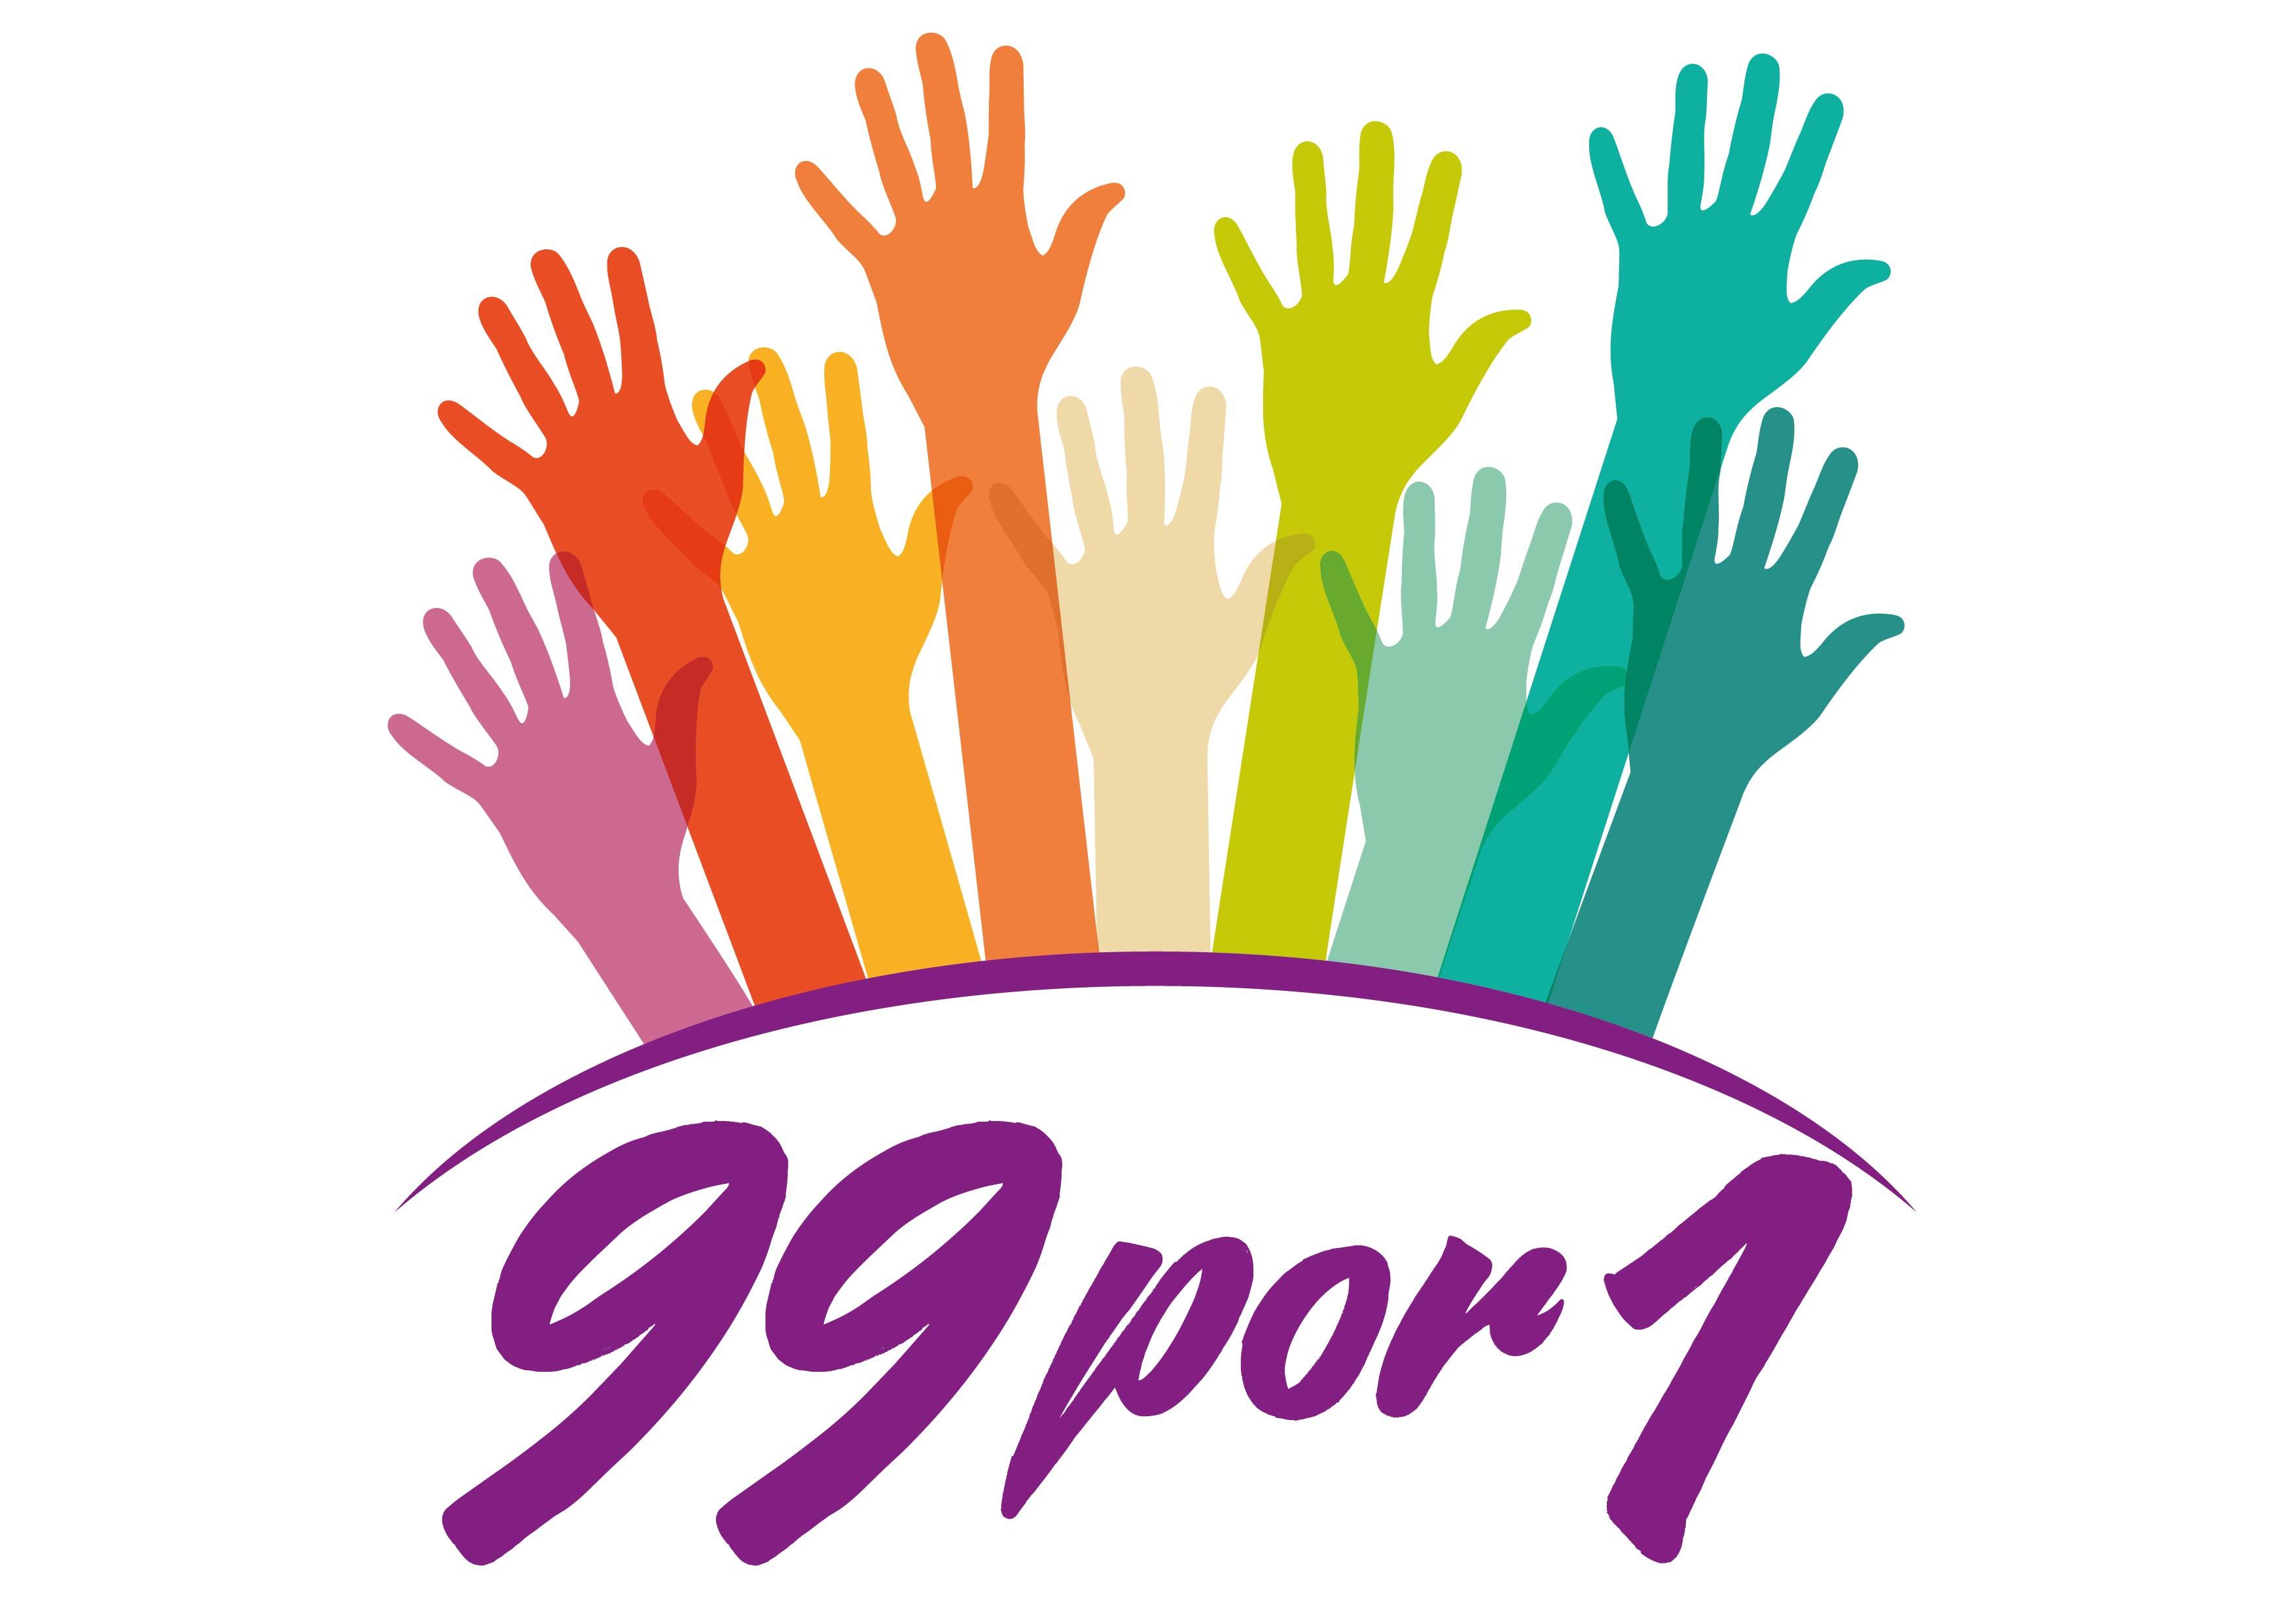 Grupo 99por1